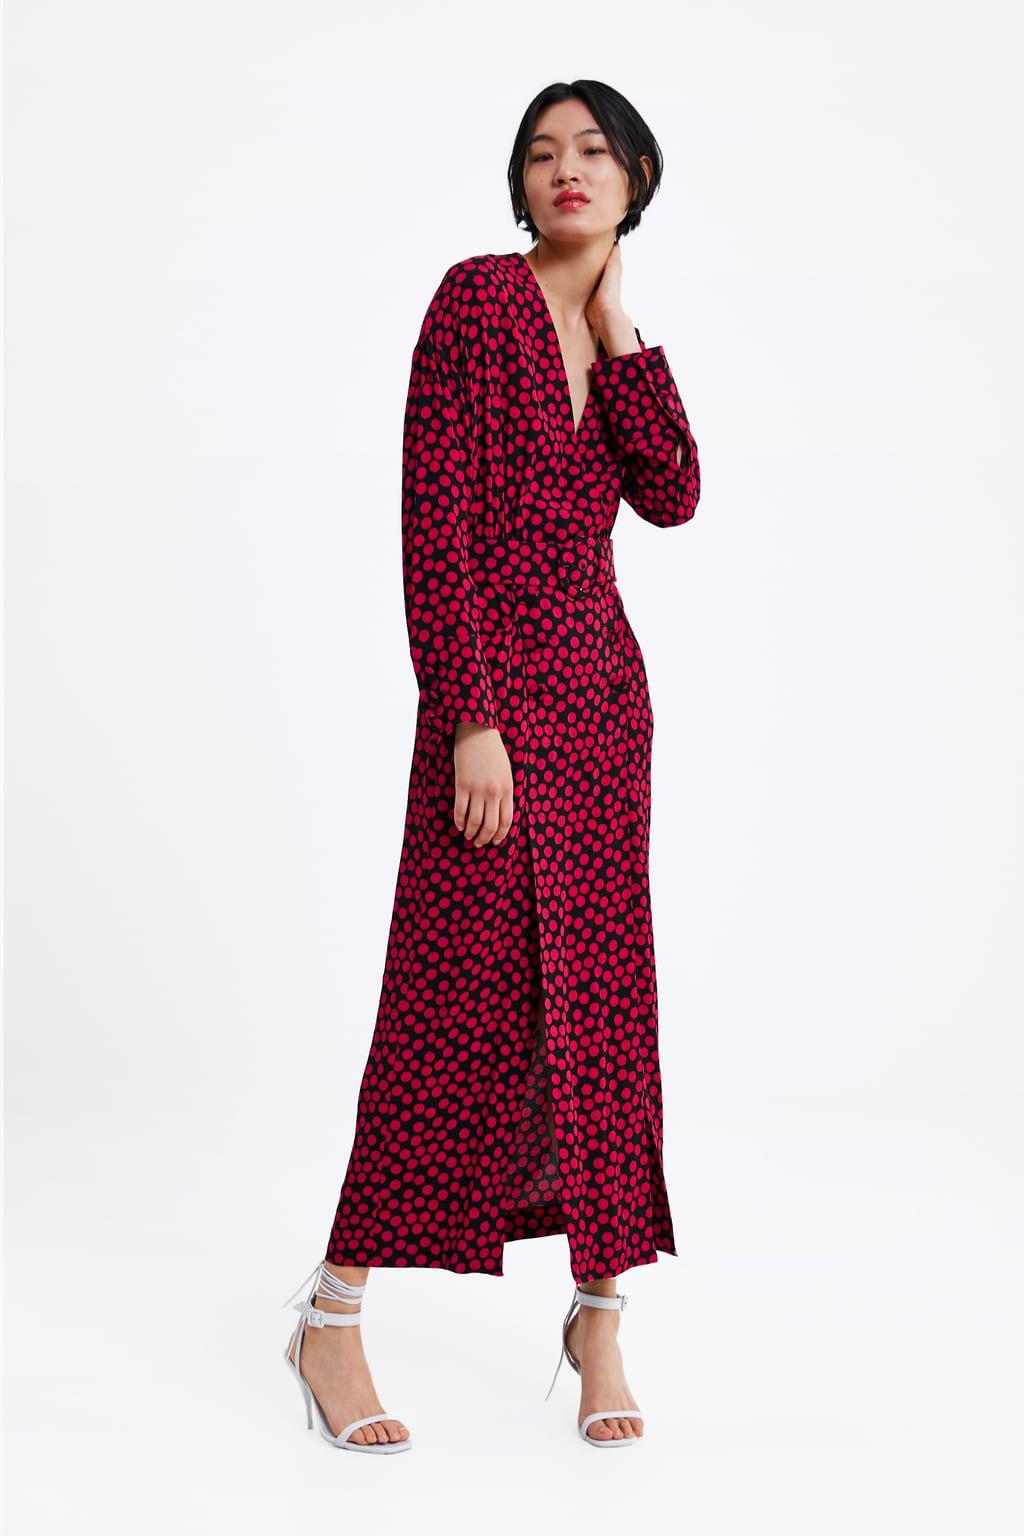 Модель в длинном платье в красный горох